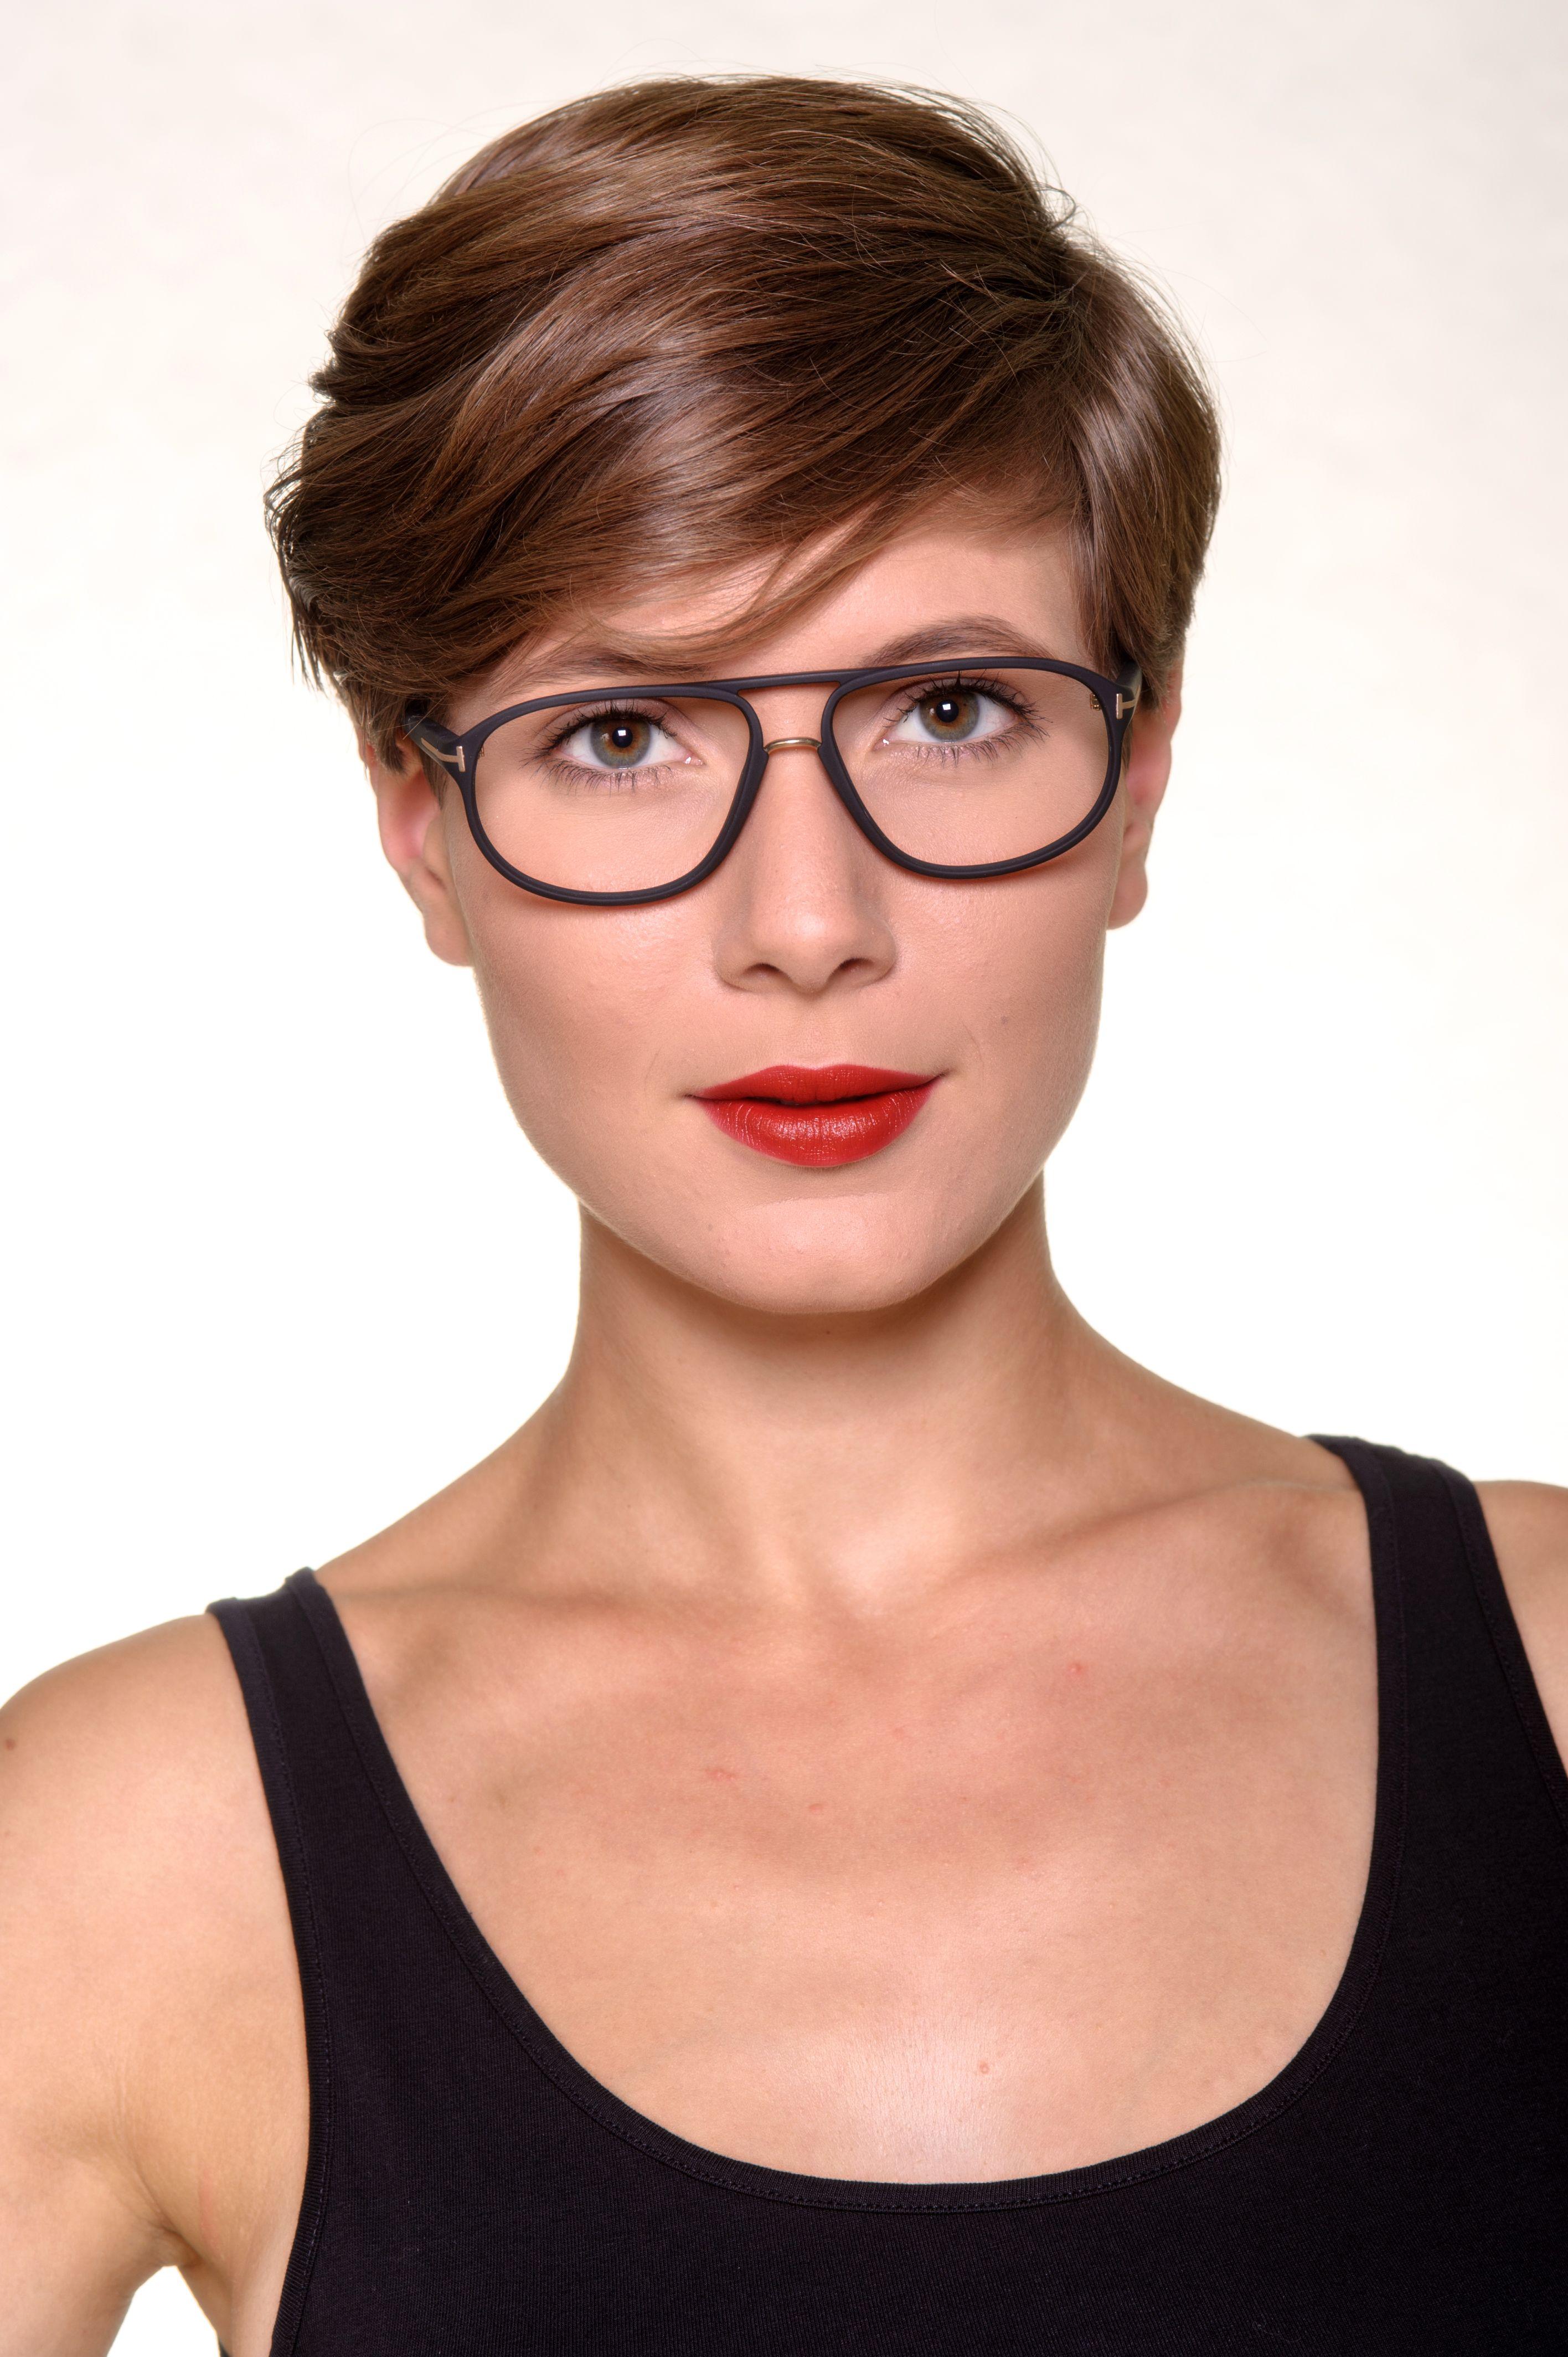 Tom Ford Designerbrille TF5296 002 Wo Brille zu Kunst wird